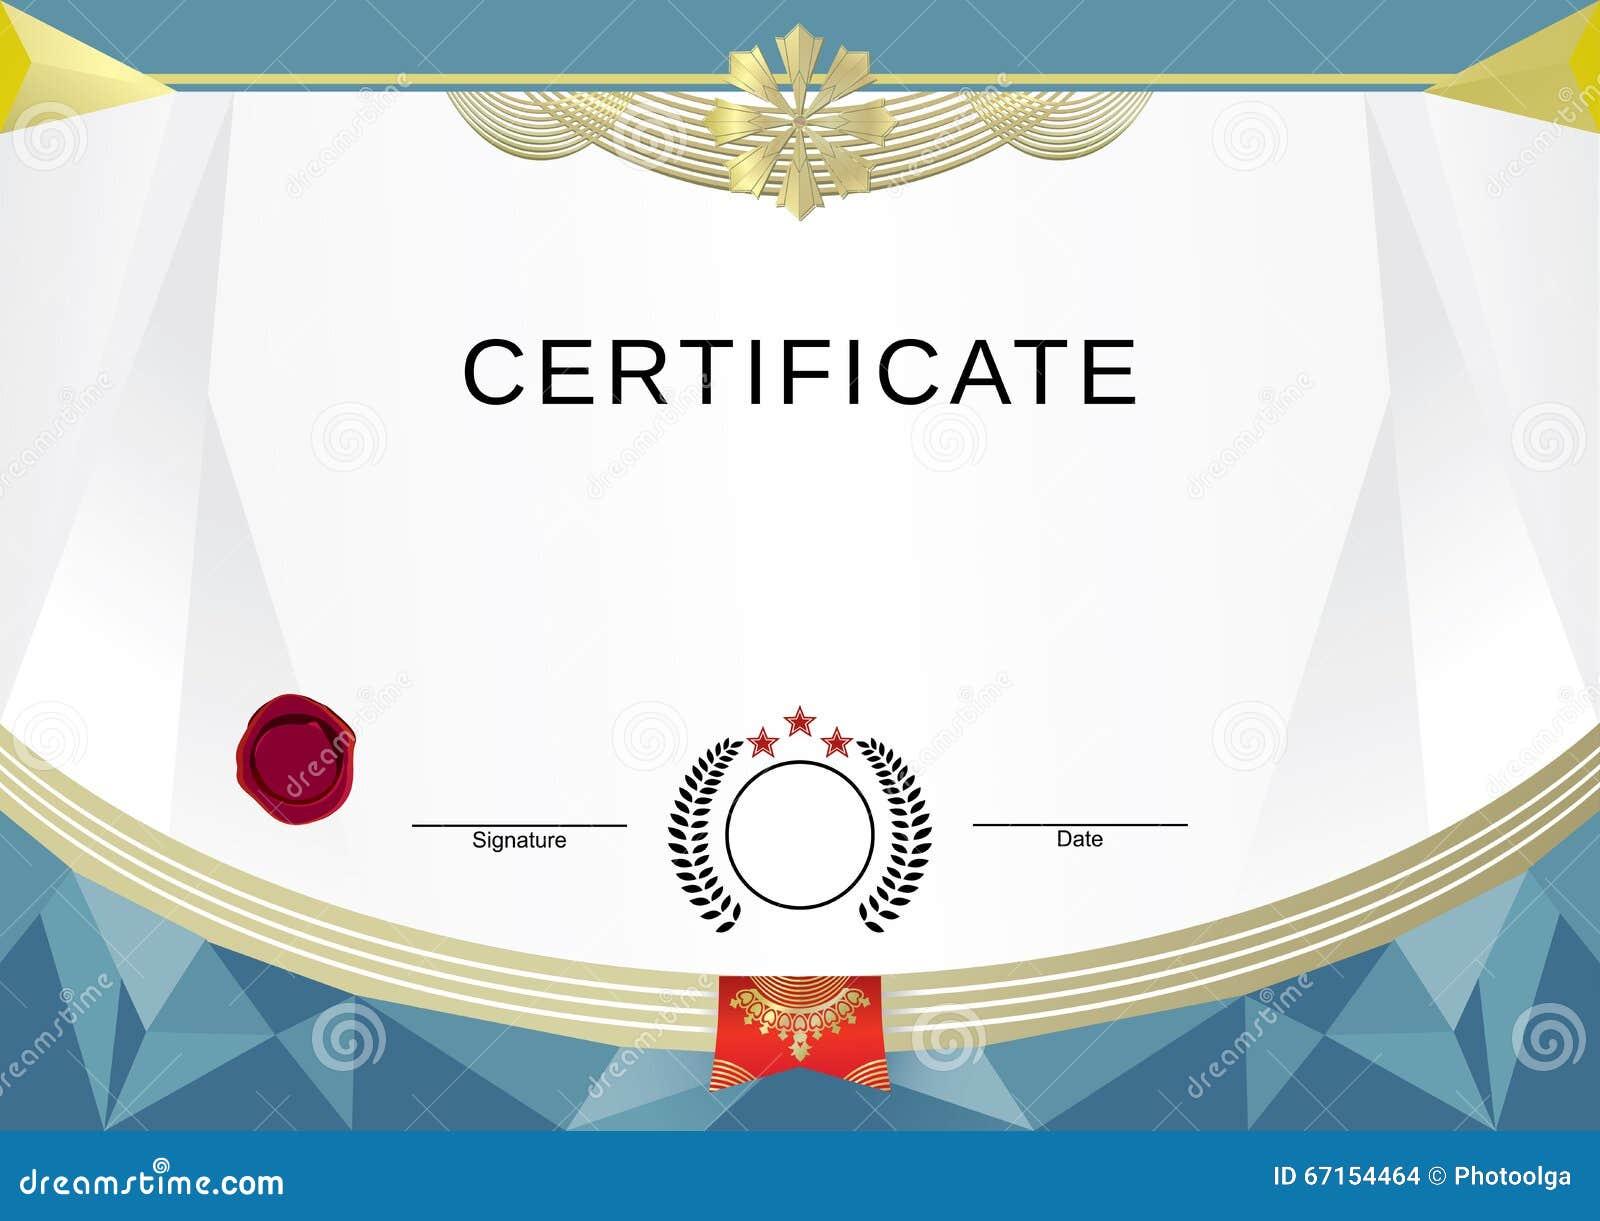 certificado-blanco-con-los-elementos-modernos-del-oro-67154464.jpg